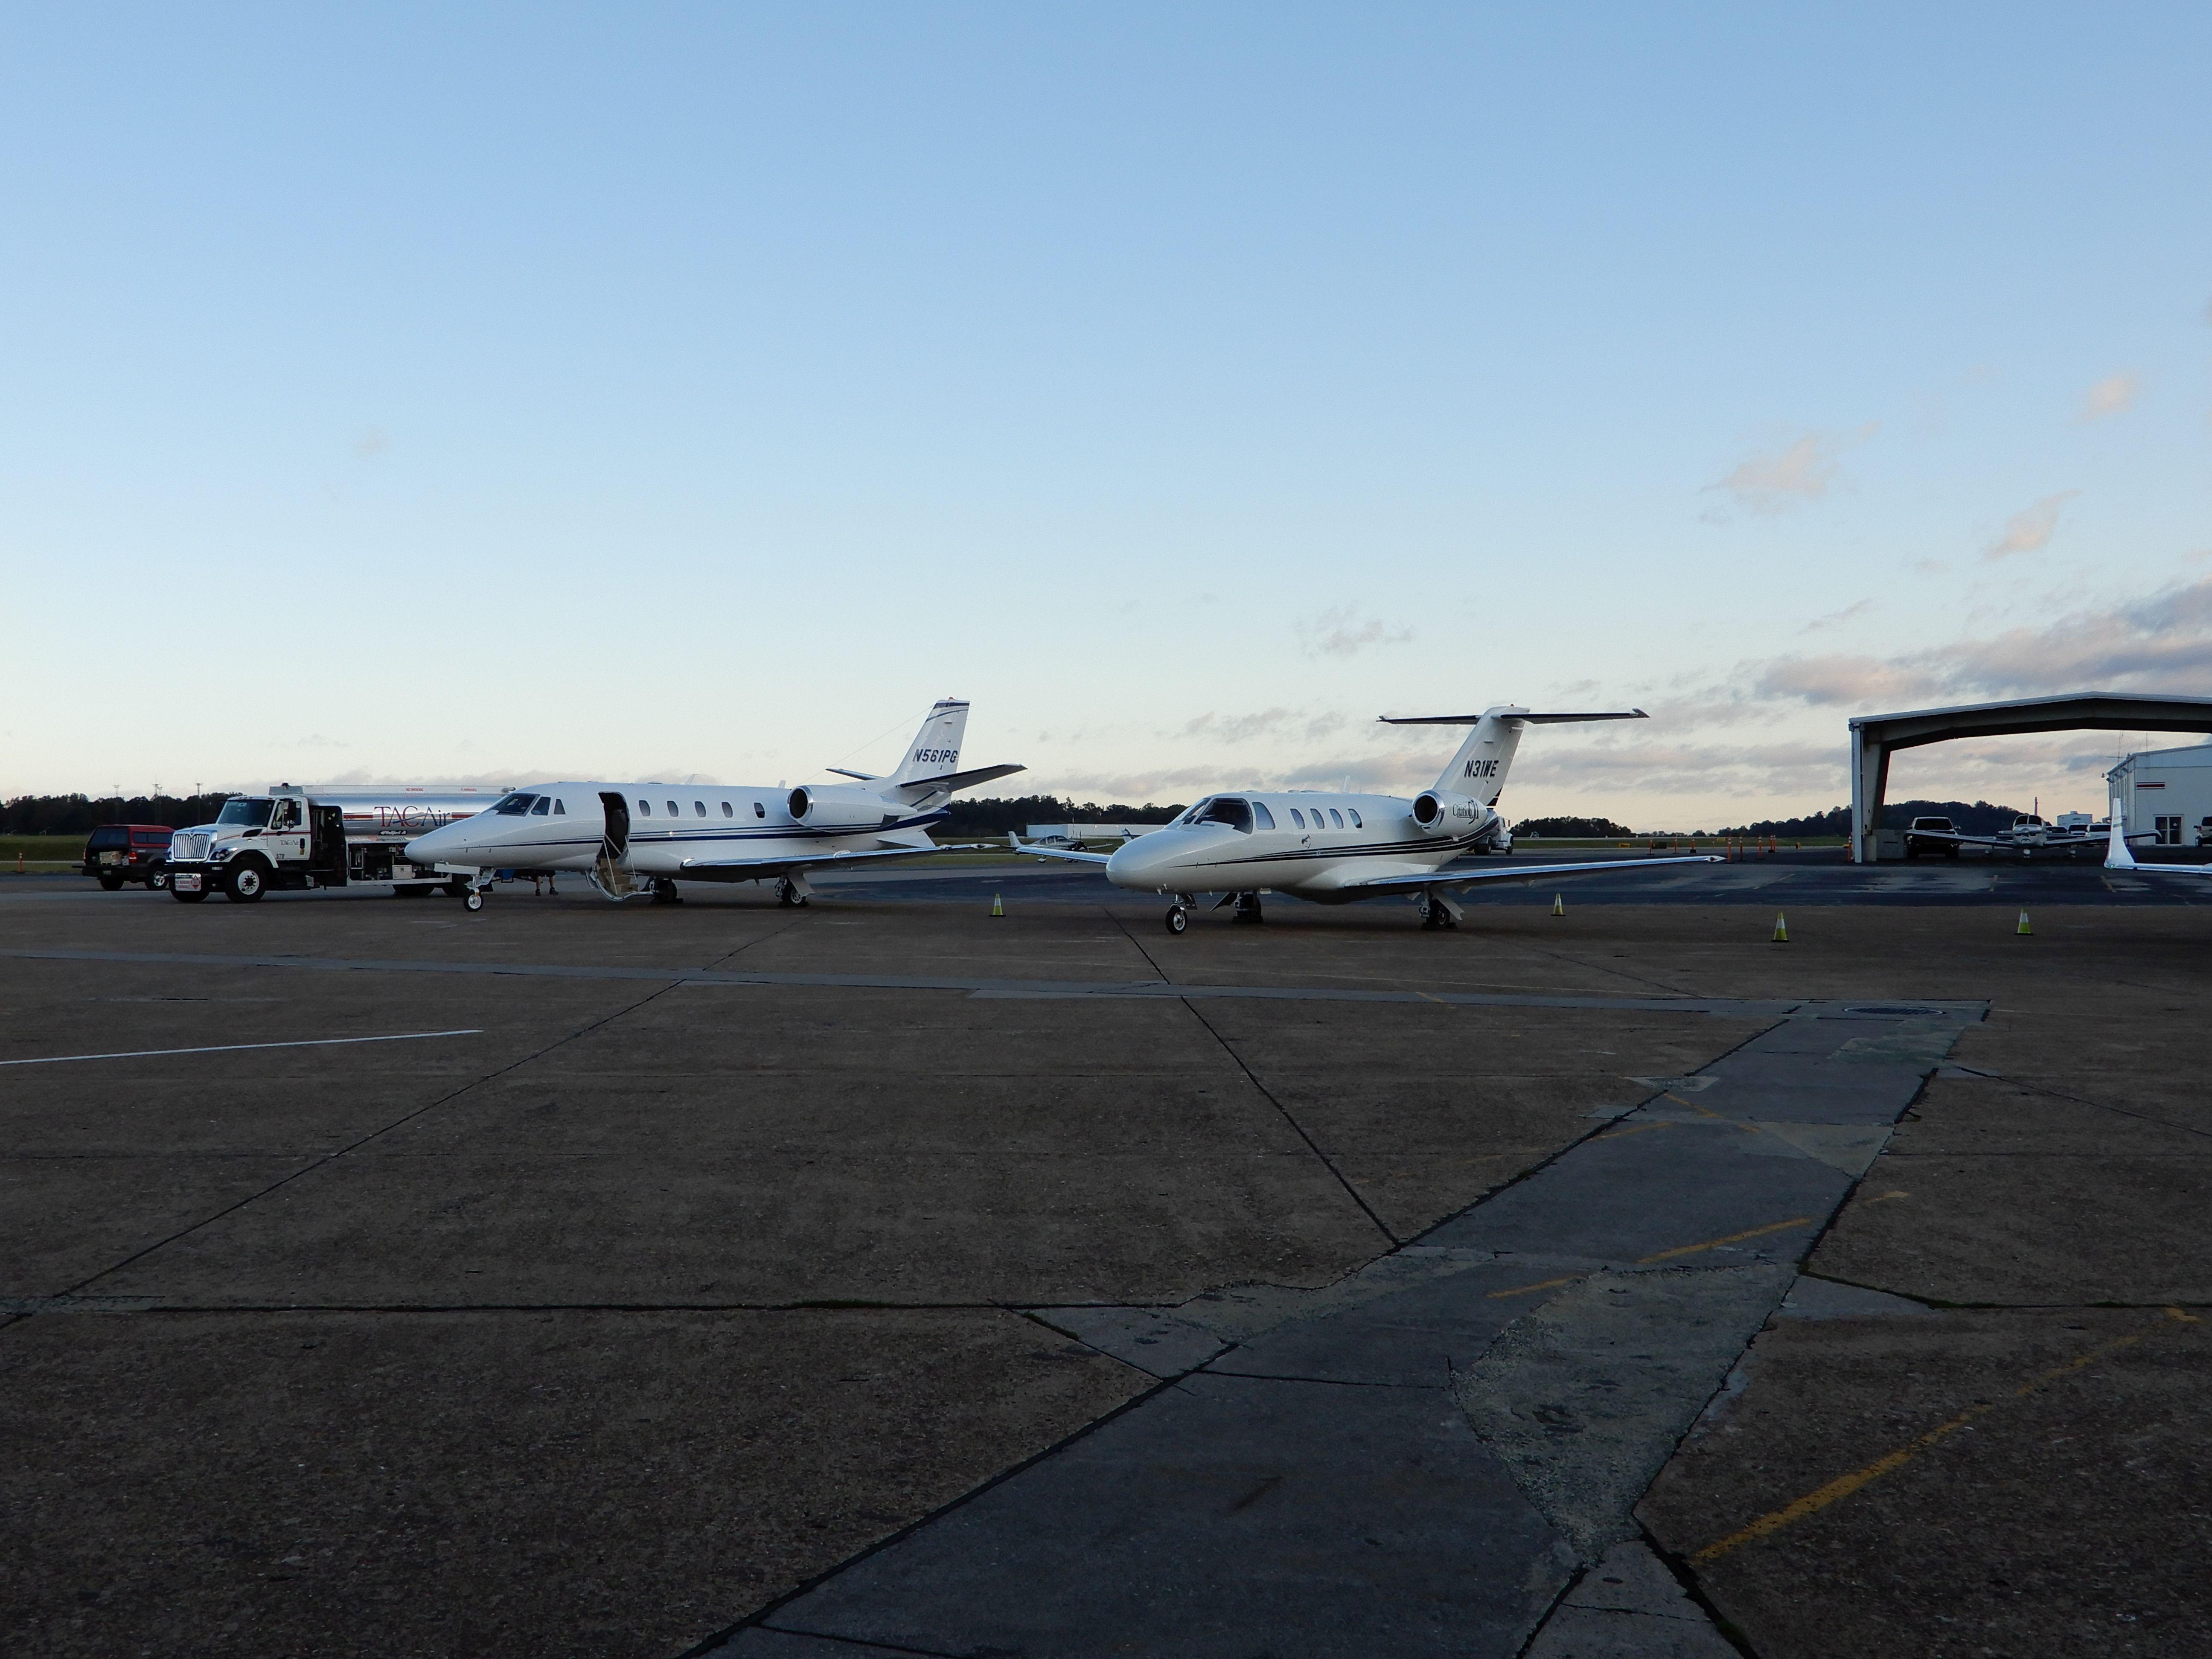 Letiště Knoxville, McGhee Tyson (KTYS). Je to velmi aktivní vnitrostátní letiště s korporátním i velmi čilým linkovým provozem.